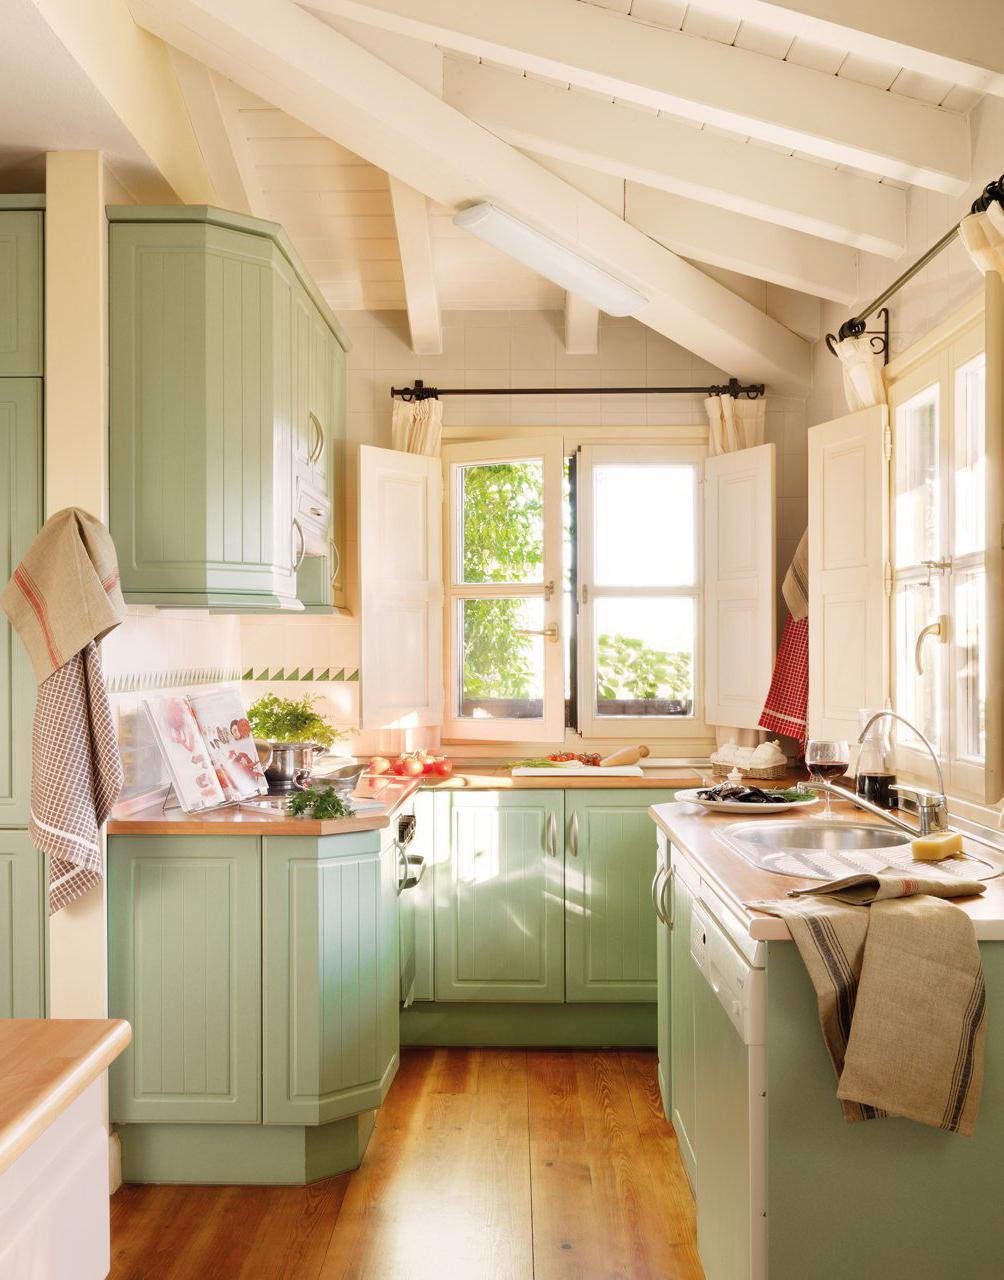 Combinando Cores na Decoração: Cozinha Verde